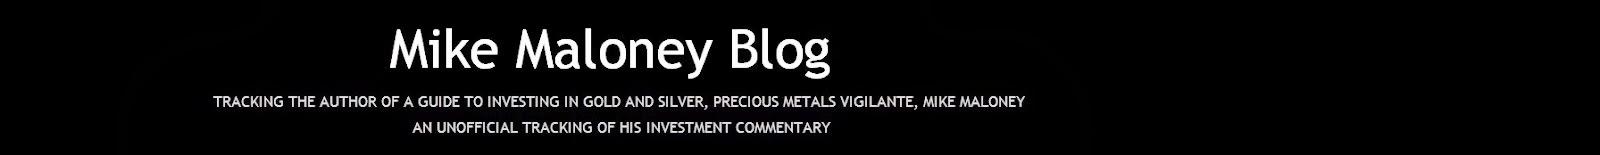 Mike Maloney Blog